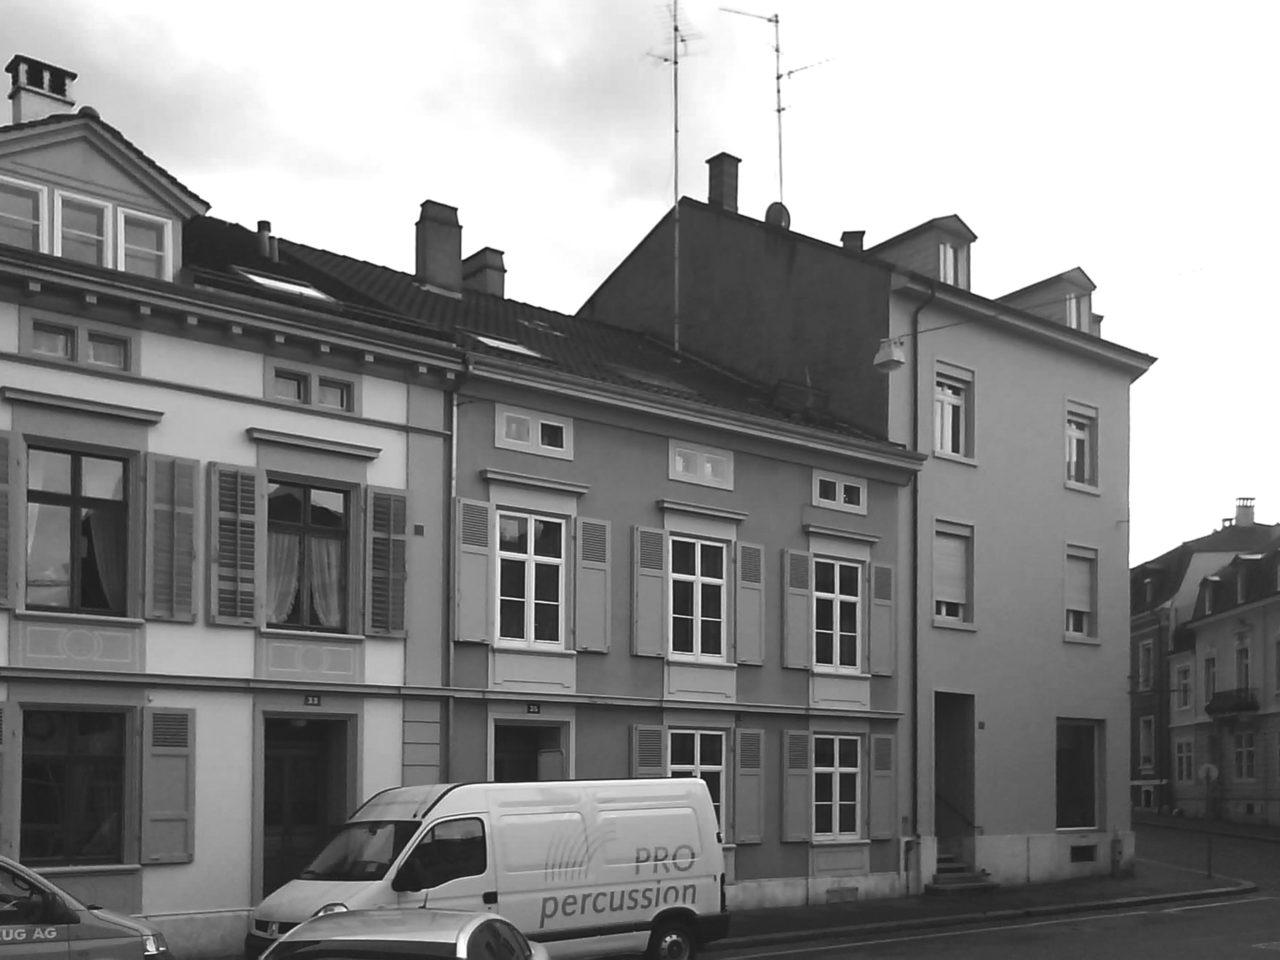 Umbau und ausbau wohn und b rogeb ude von 1874 an der kanonengasse in basel forsberg architekten - Architekturburo basel ...